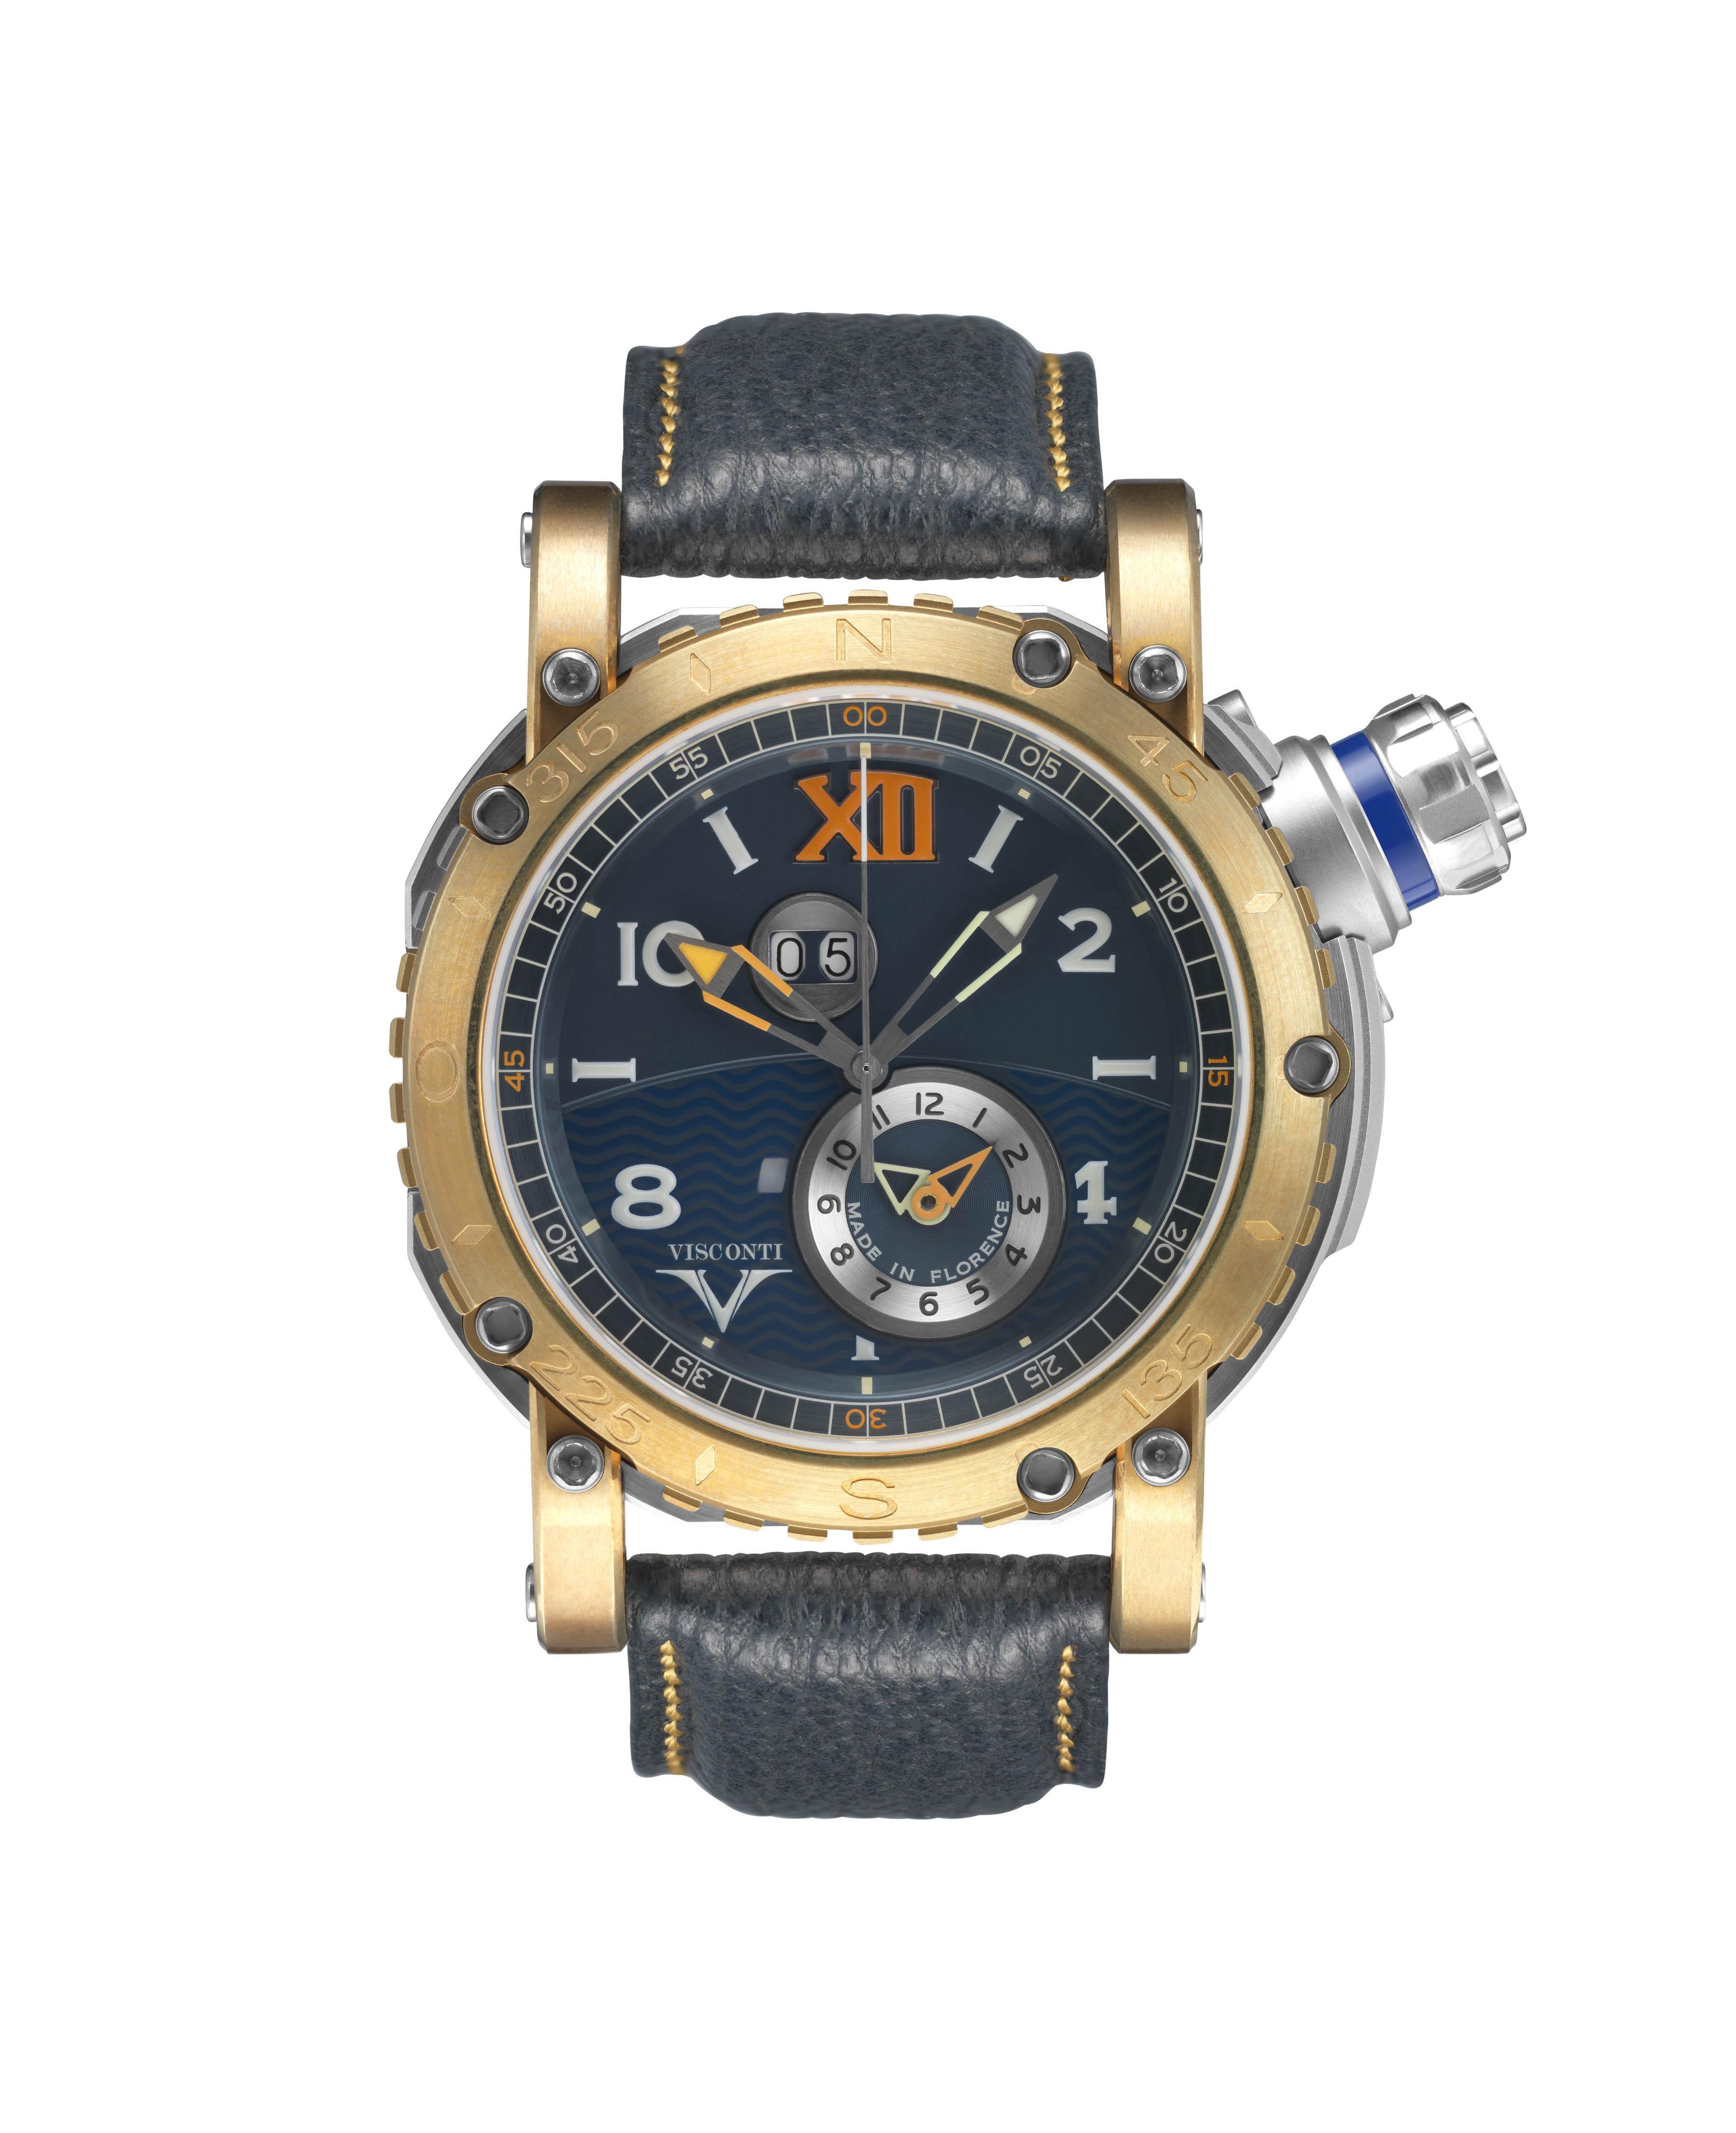 visconti_grandcruise_inox-bronze2016_w110-02-183-1411_300dpi